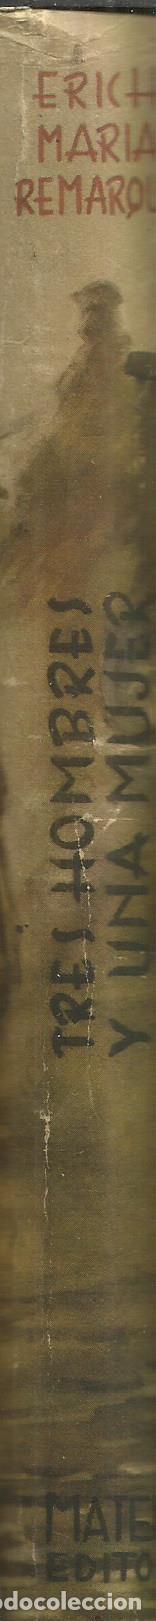 Libros antiguos: TRES HOMBRES Y UNA MUJER. ERICH MARUIA REMARQUE. MATEU EDITOR. BARCELONA - Foto 2 - 63620411